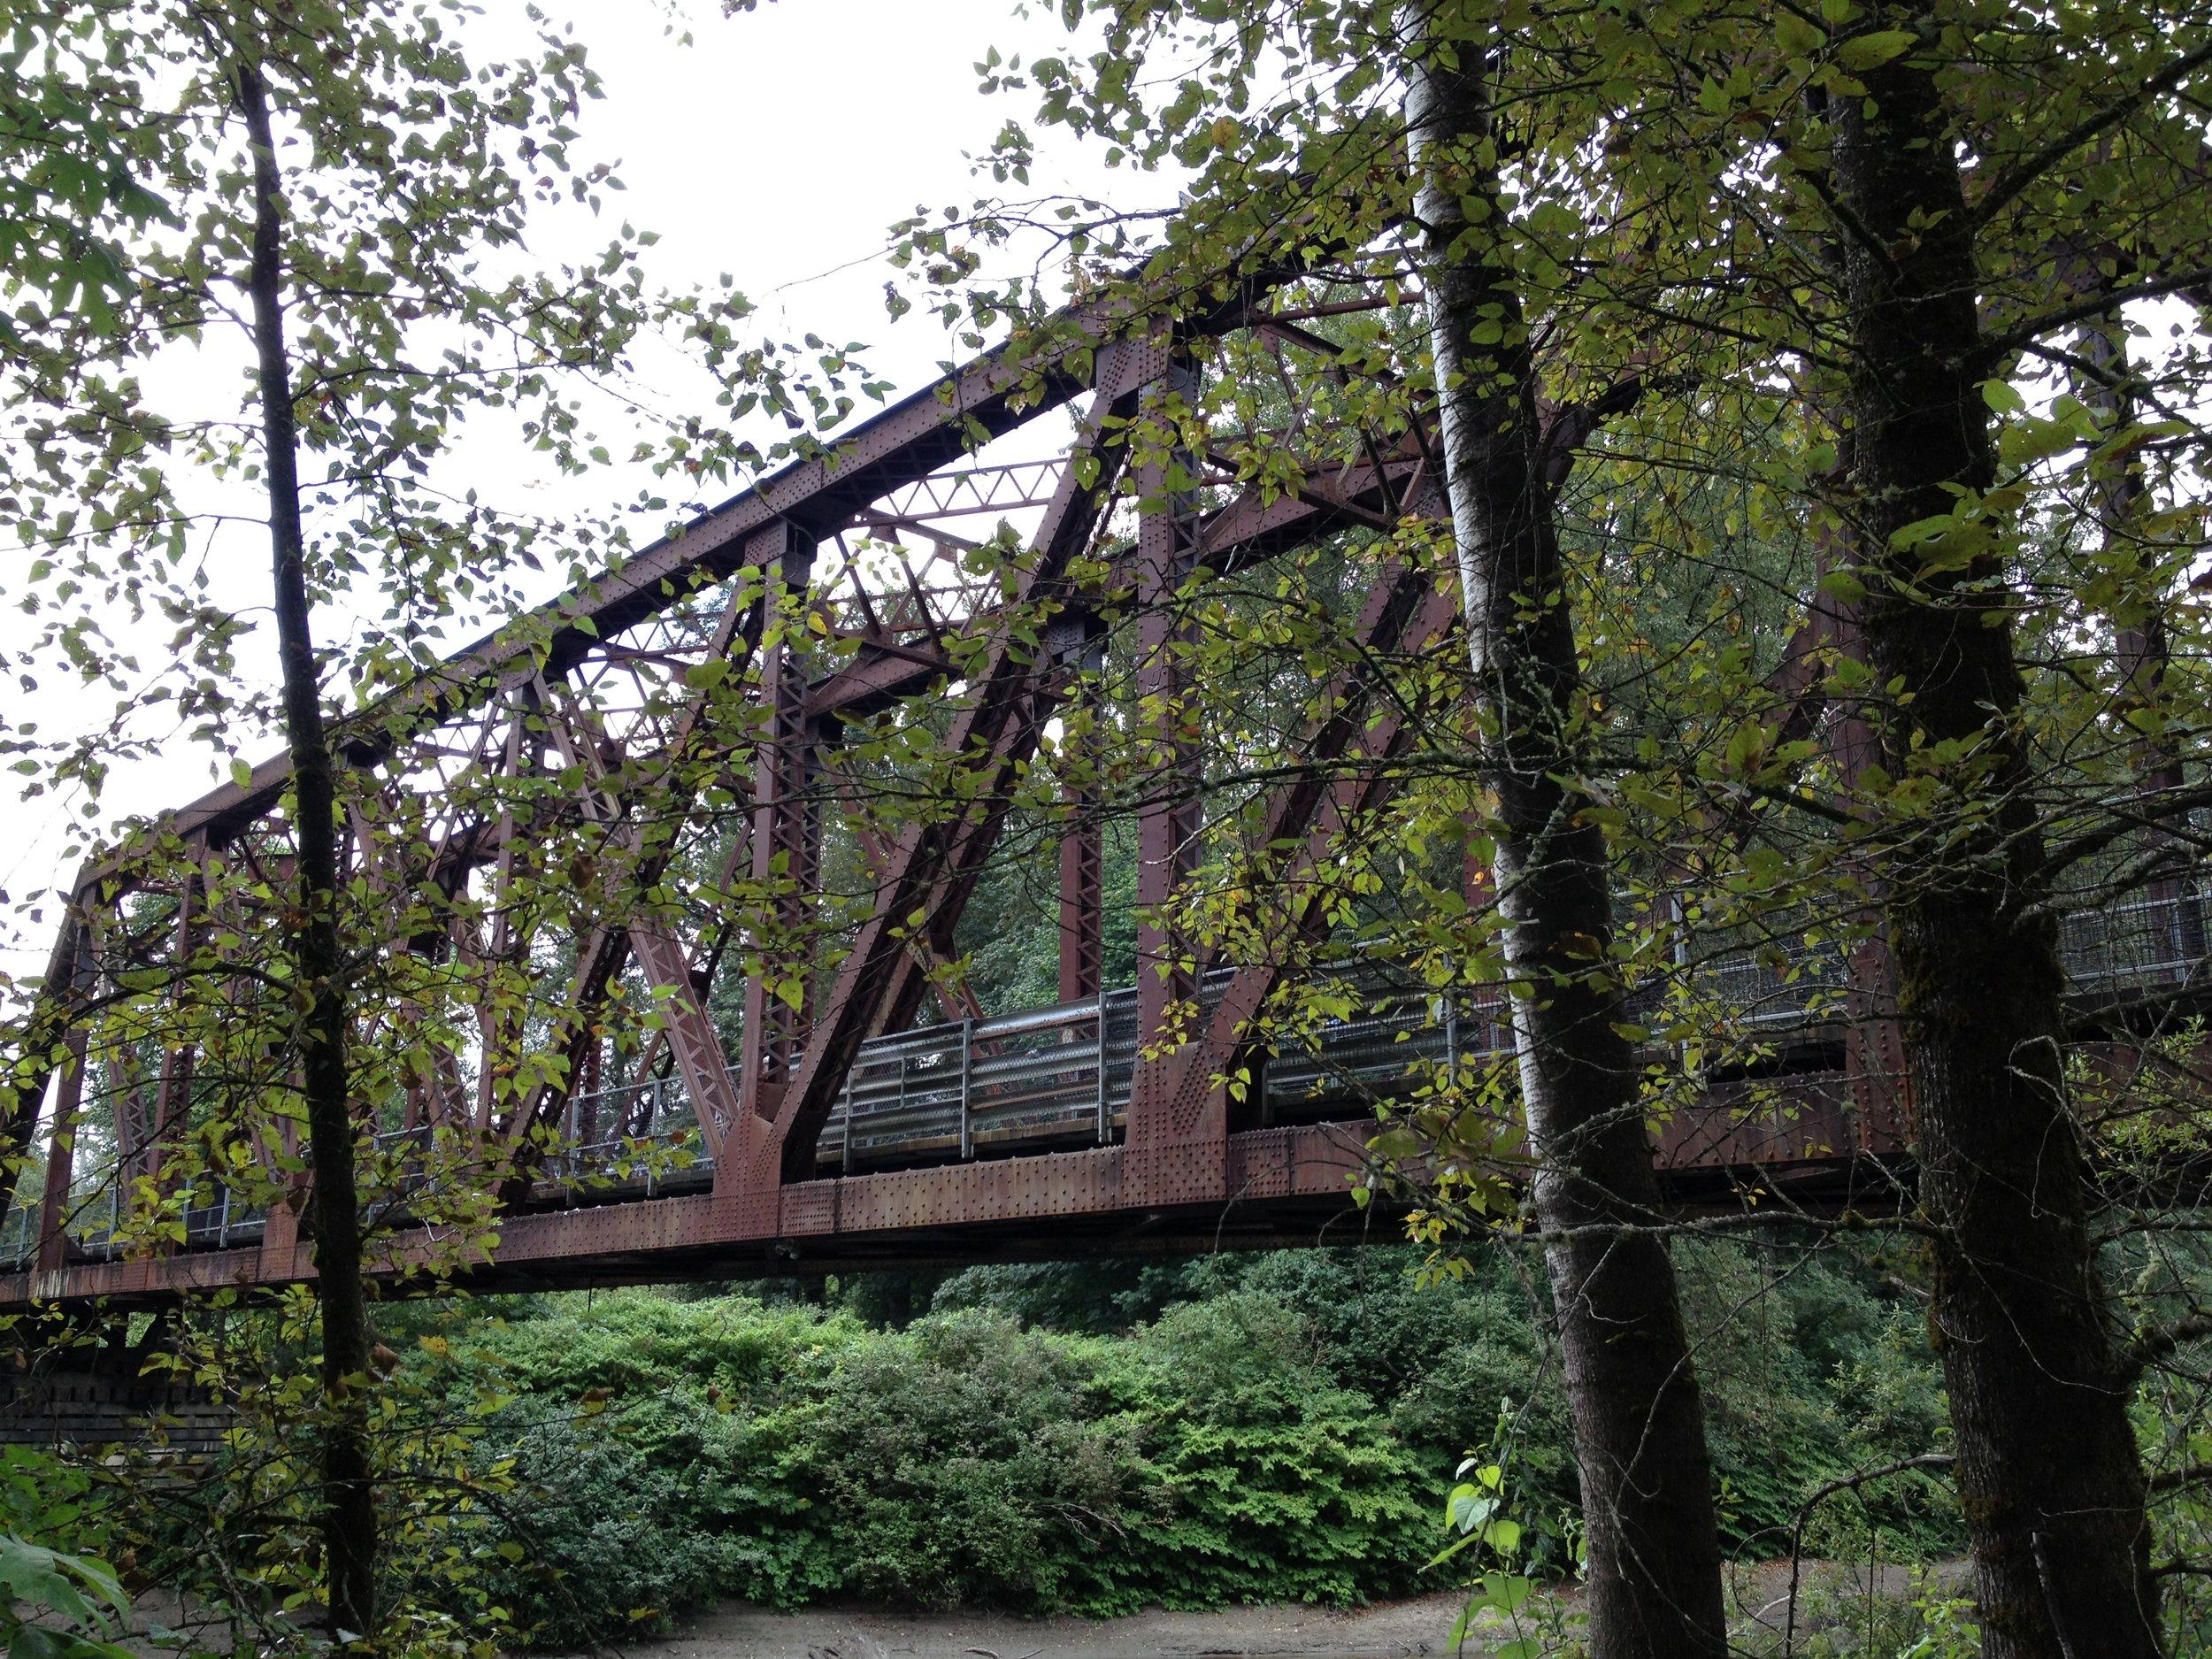 Ronette Pulaski's bridge